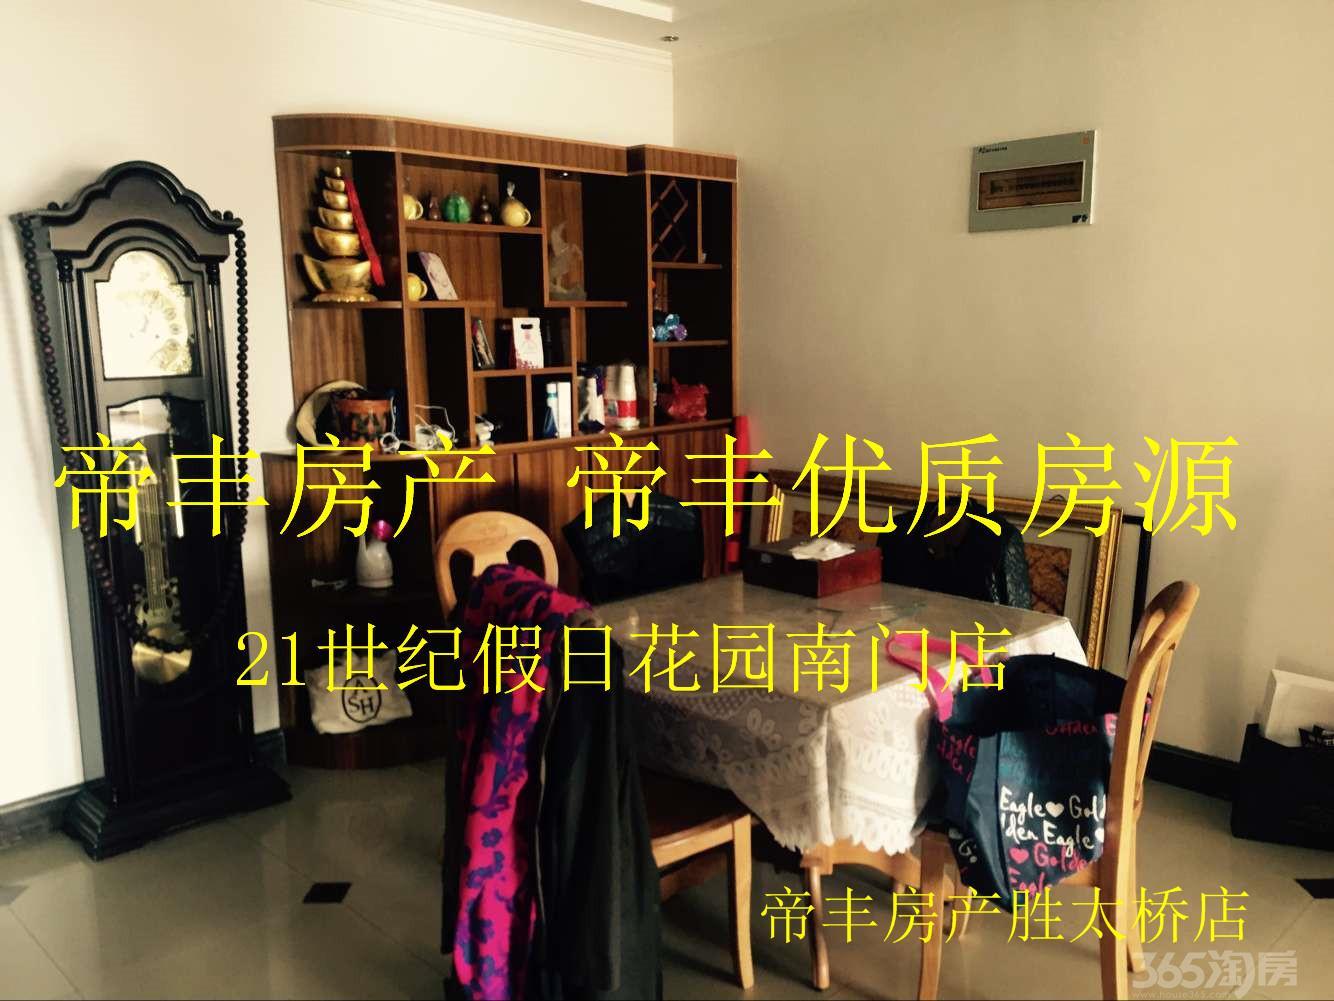 【新年特惠学区v学区地铁口四房实小本部短发呆拉店长图片